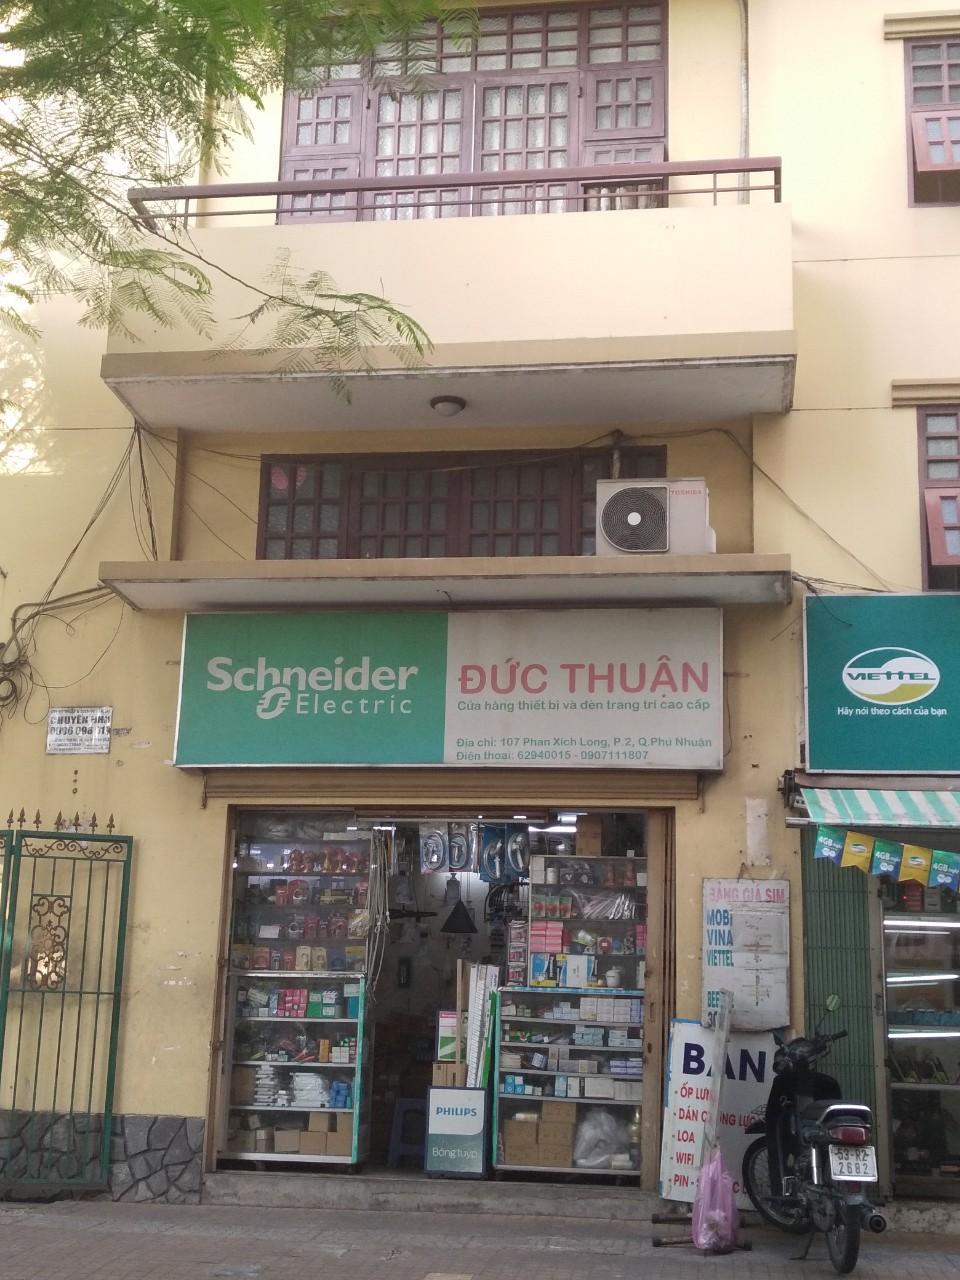 Diệt mối tận gốc cho Scheider Electric Đức Thuận quận Phú Nhuận